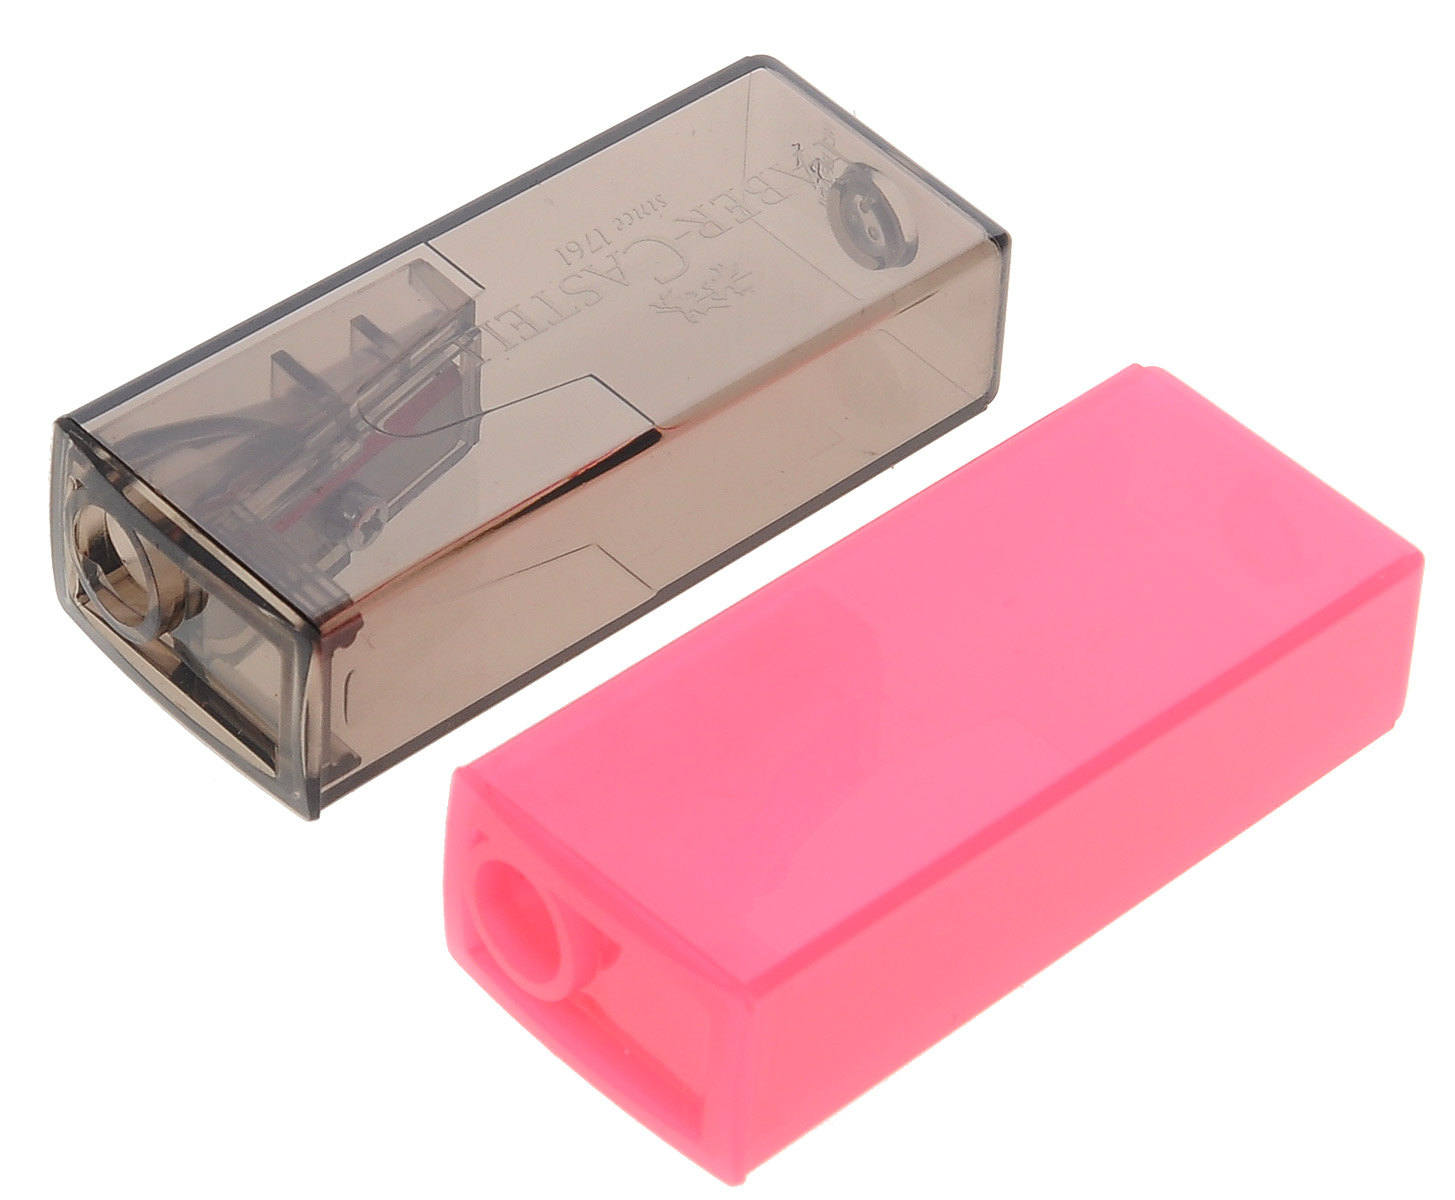 Faber-Castell Точилка флуоресцентная цвет розовый серый 2 шт263332_розовый, серыйТочилки Faber-Castell предназначены для затачивания карандашей диаметром 8 мм. Полупрозрачные контейнеры позволяют визуально определить уровень заполнения и вовремя произвести очистку. Острые стальные лезвия обеспечивают высококачественную и точную заточку деревянных карандашей.В комплекте две точилки разных цветов.